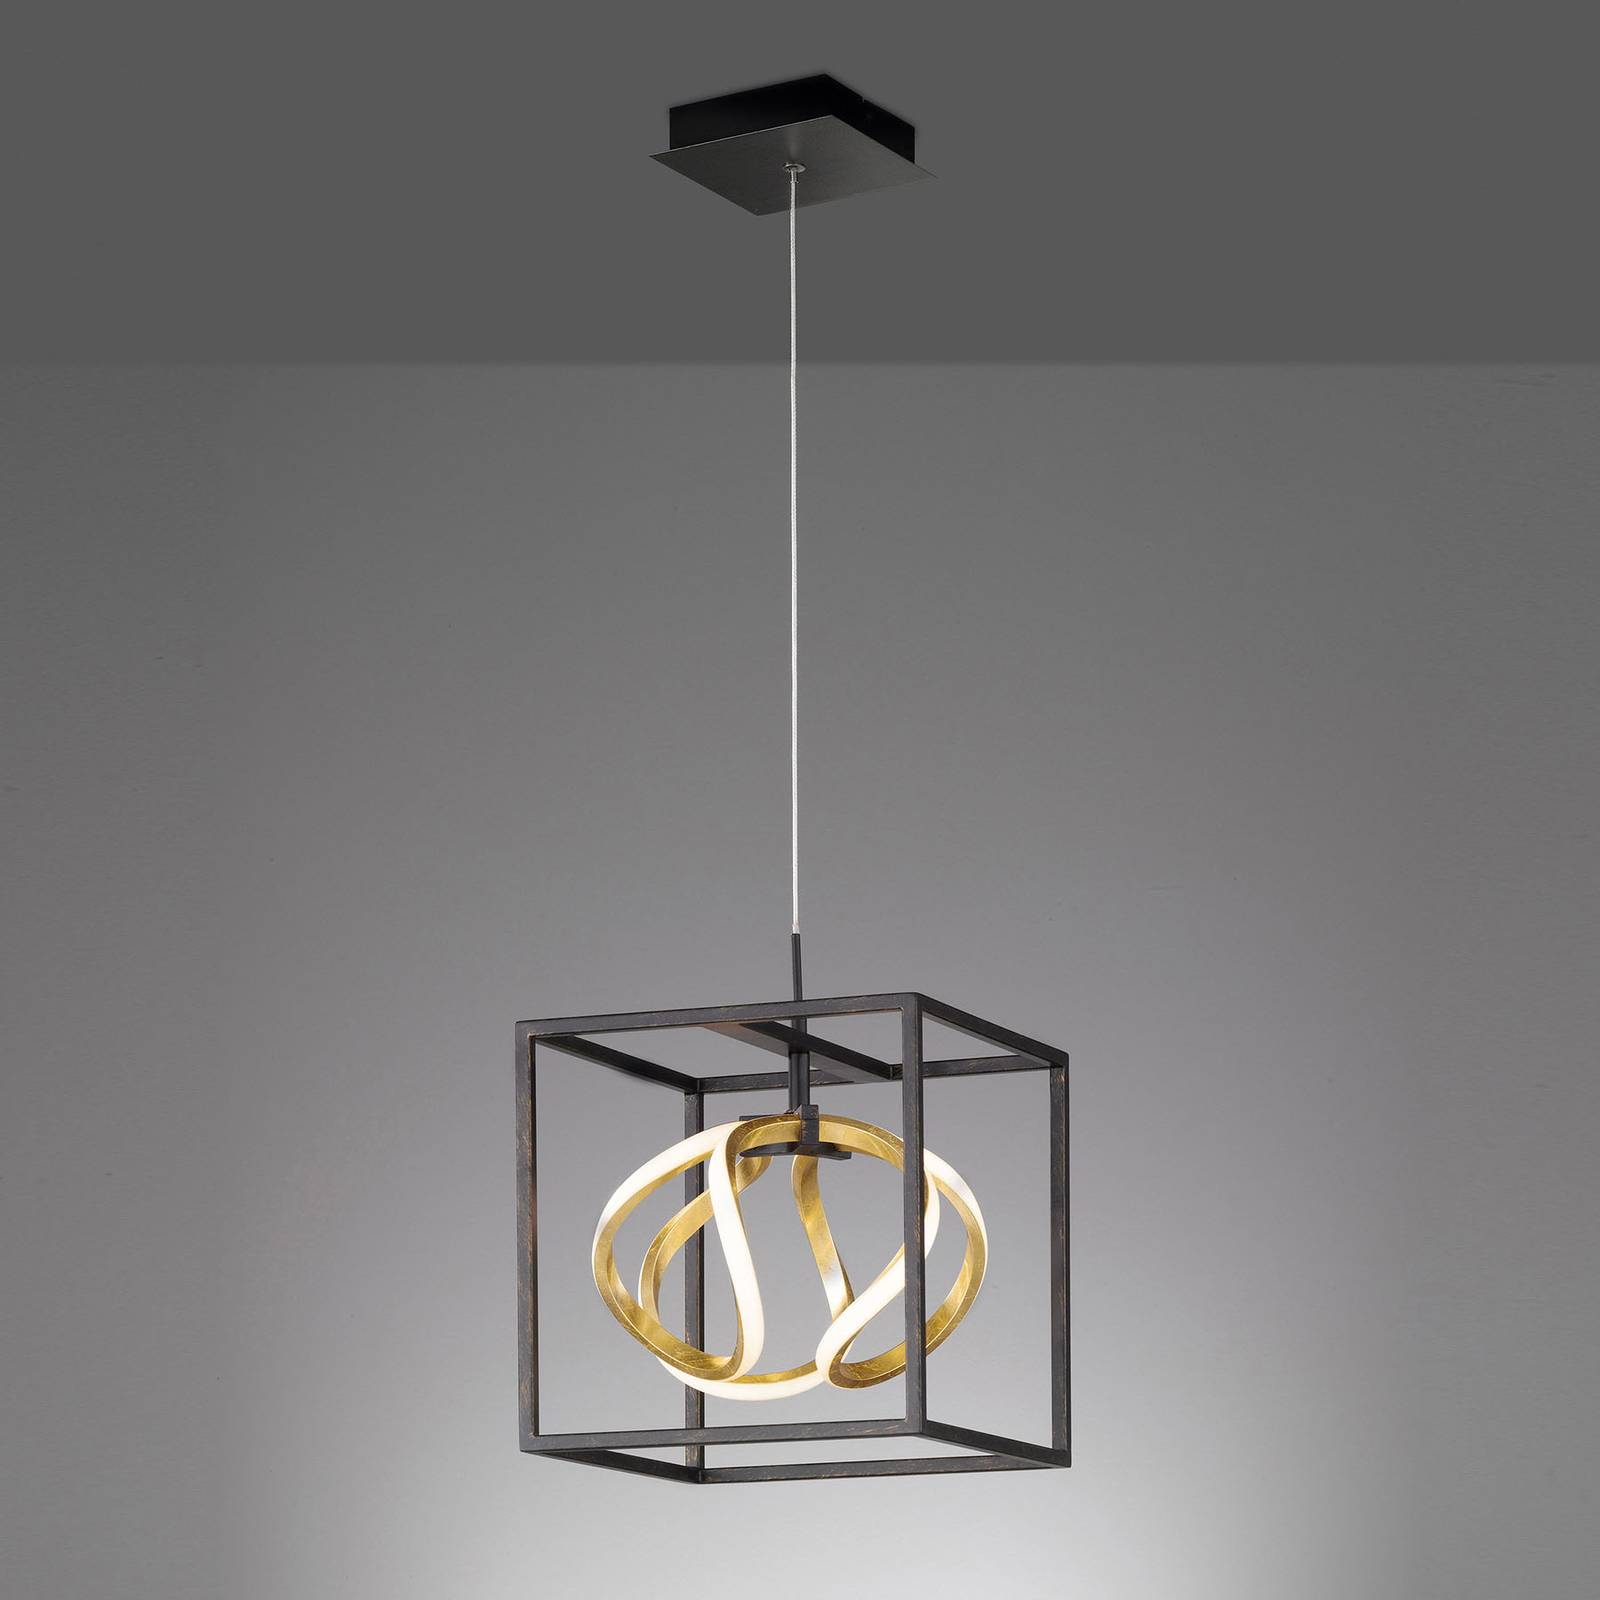 LED-riippuvalaisin Gesa, yksilamppuinen